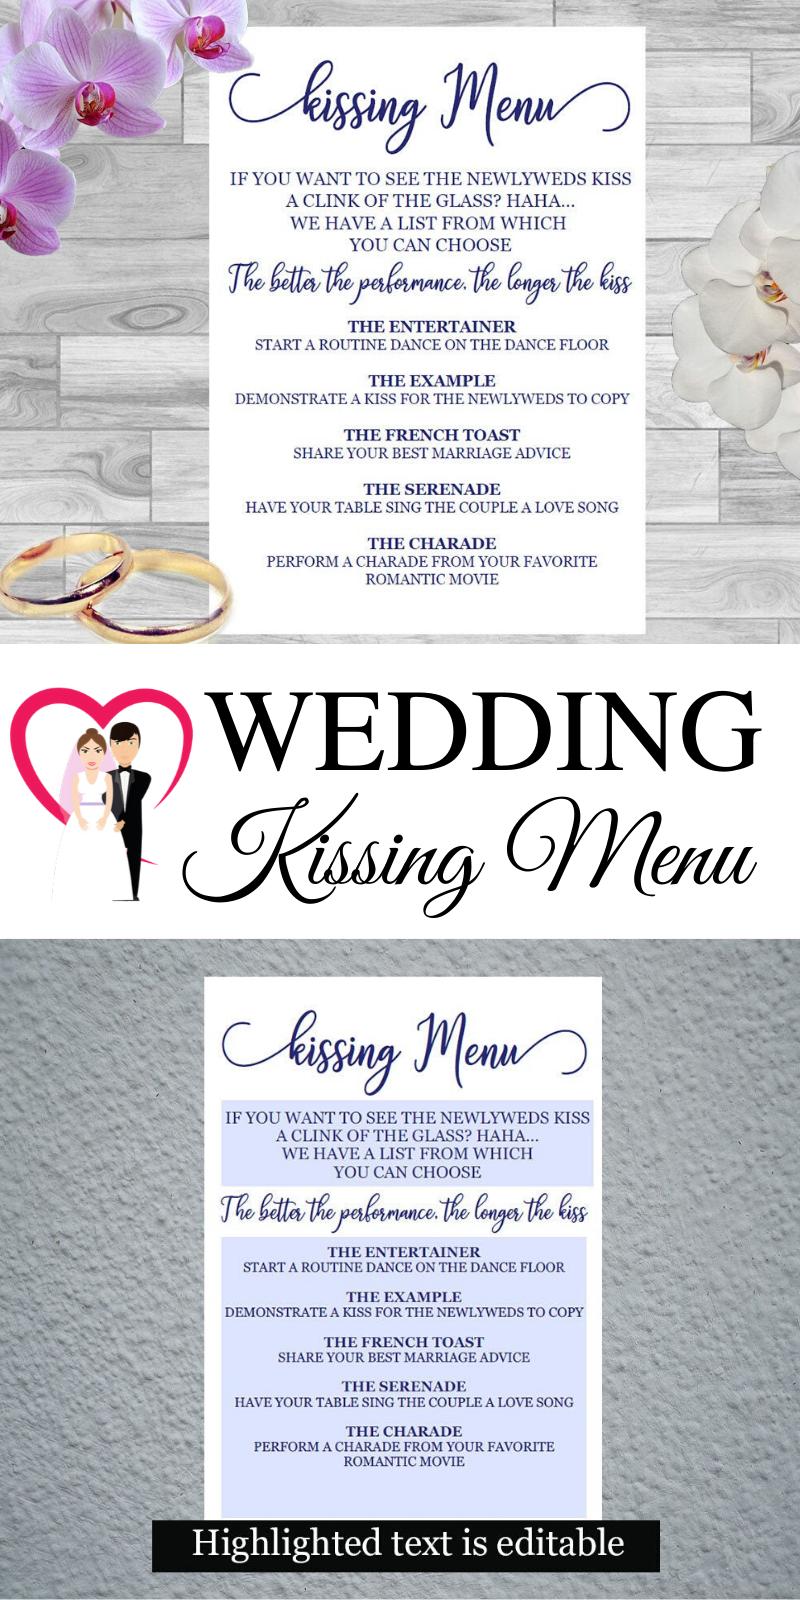 Wedding Kissing Menu Wedding Invitation Card Wedding Invitations Wedding Reception Games Wedding Cards